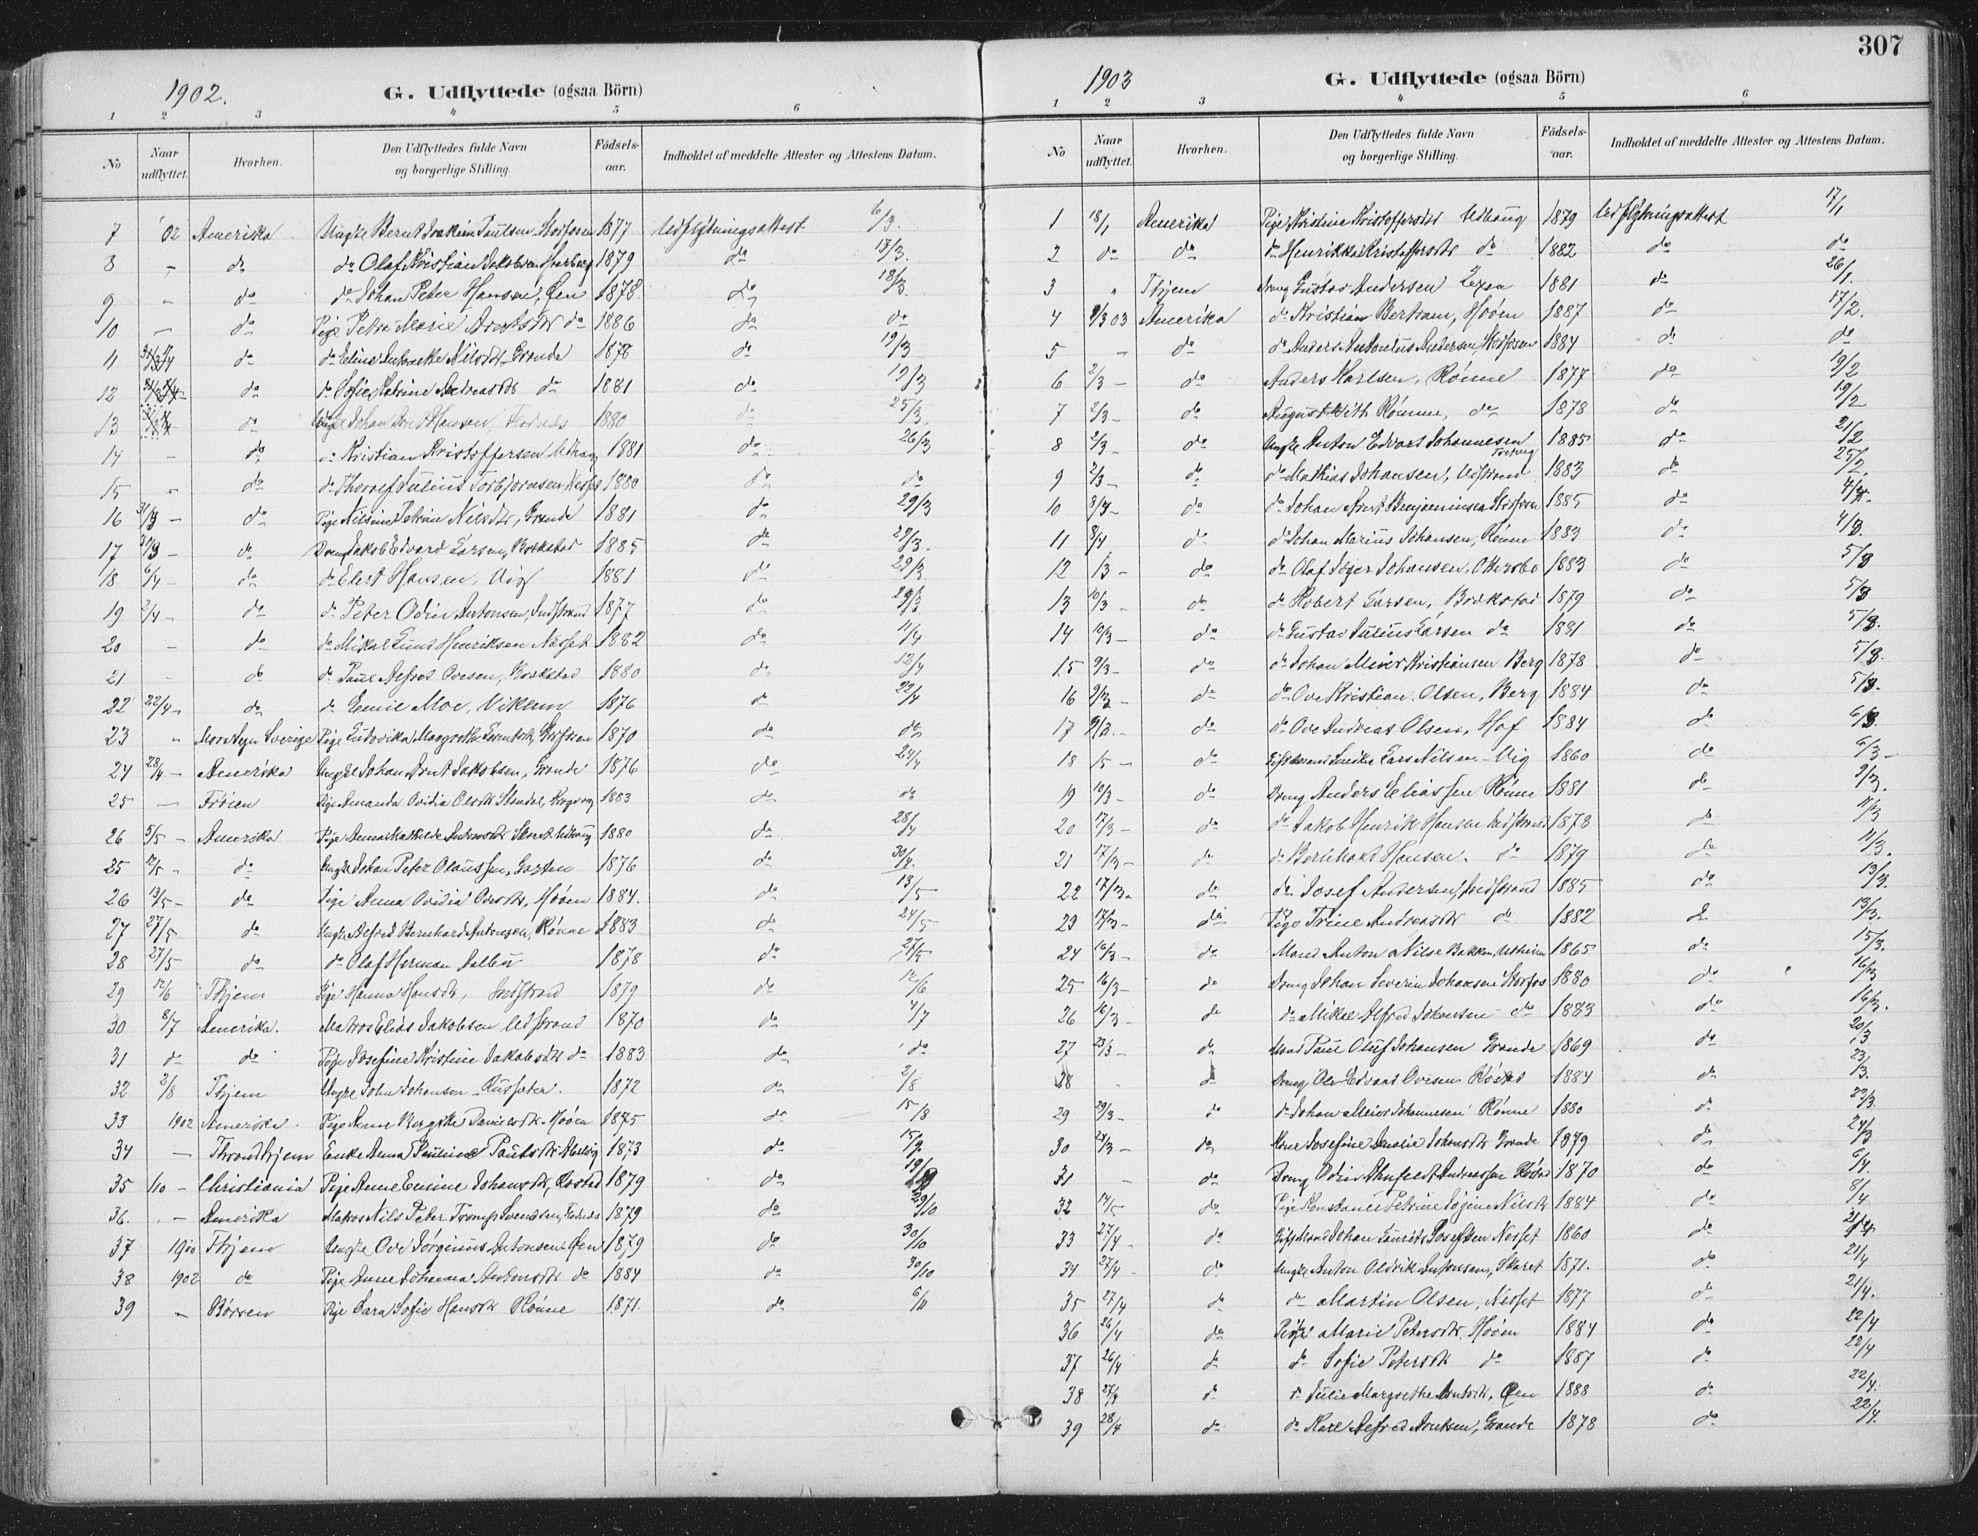 SAT, Ministerialprotokoller, klokkerbøker og fødselsregistre - Sør-Trøndelag, 659/L0743: Ministerialbok nr. 659A13, 1893-1910, s. 307